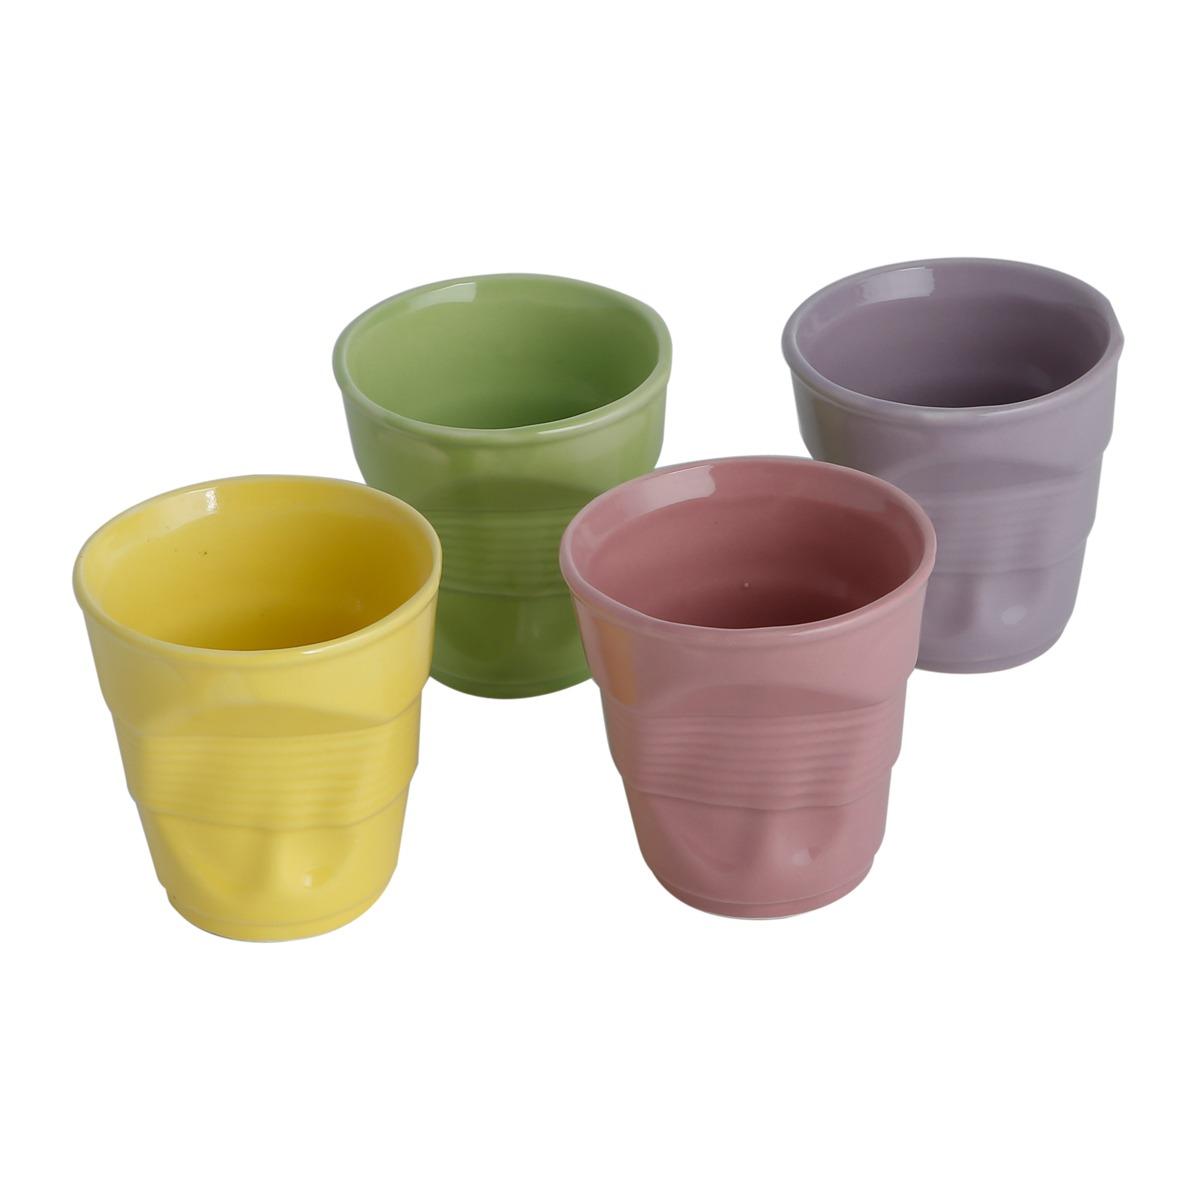 Jogo de Copos de Porcelana para Agua 300ml 4 Pecas 1101 - Rojemac